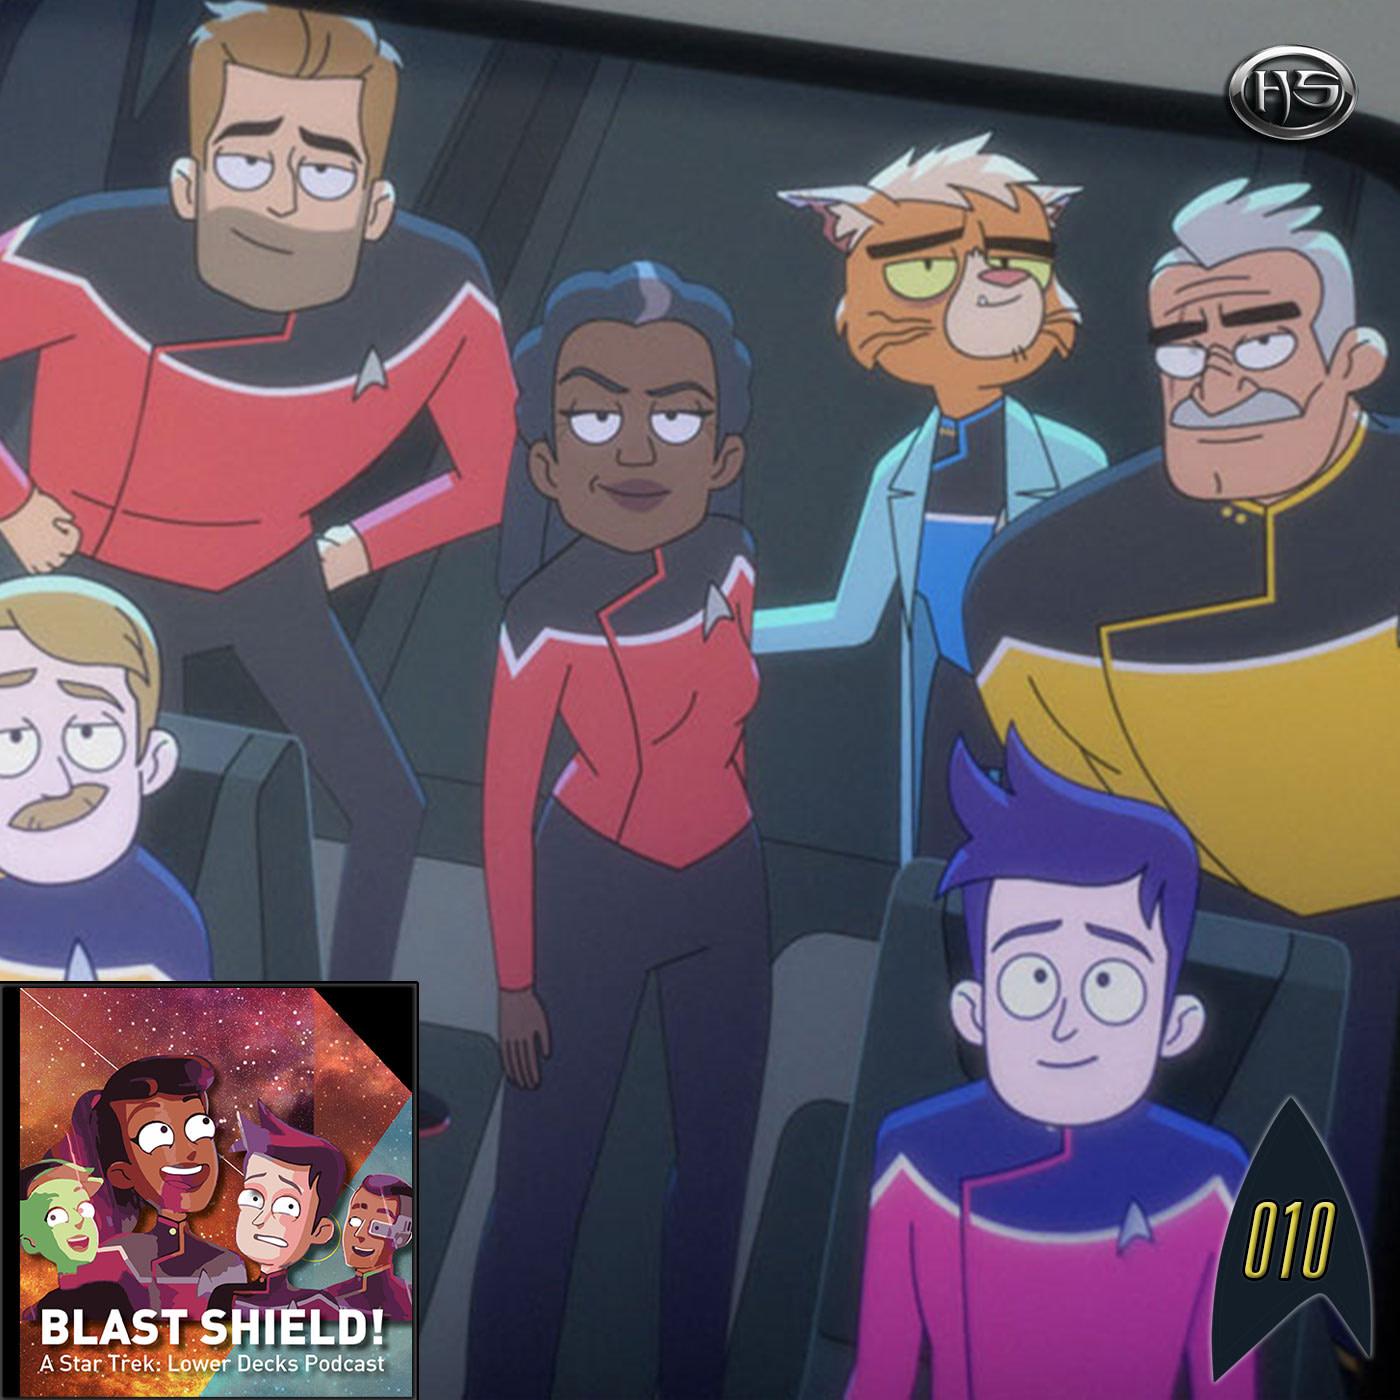 Blast Shield! Episode 10